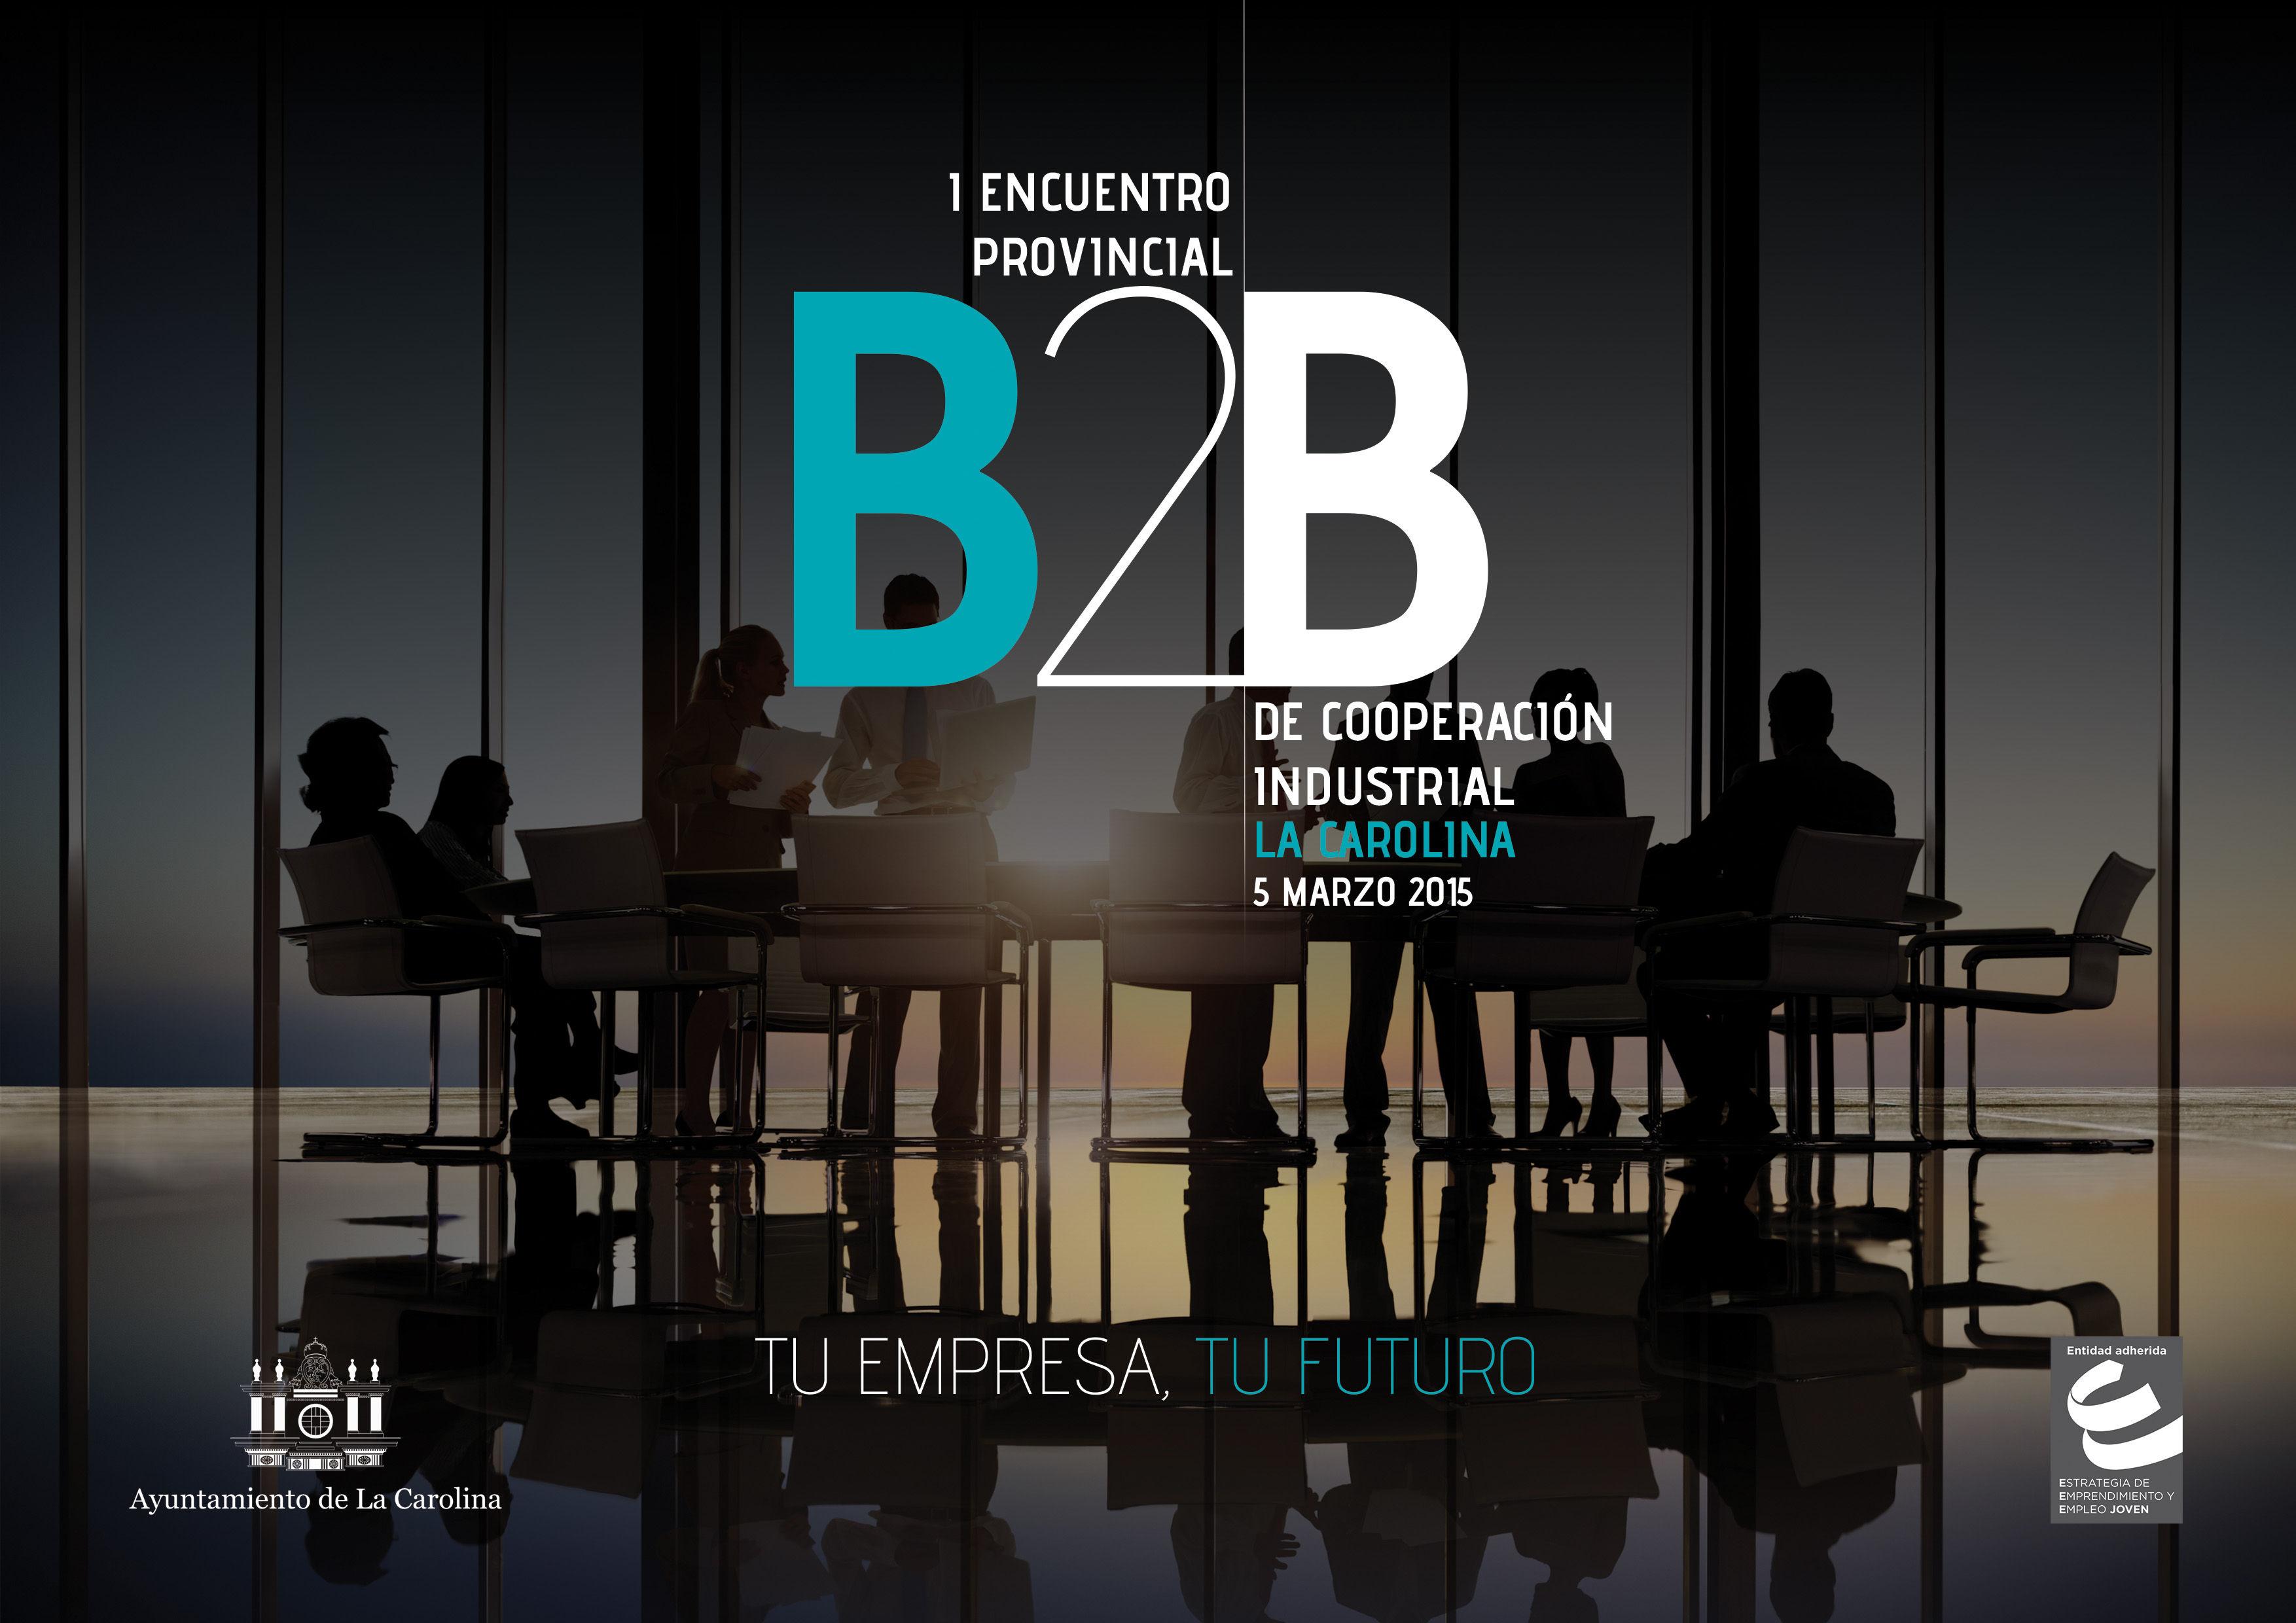 Compitte patrocina y participa en el primer encuentro de Cooperación empresarial de La Carolina